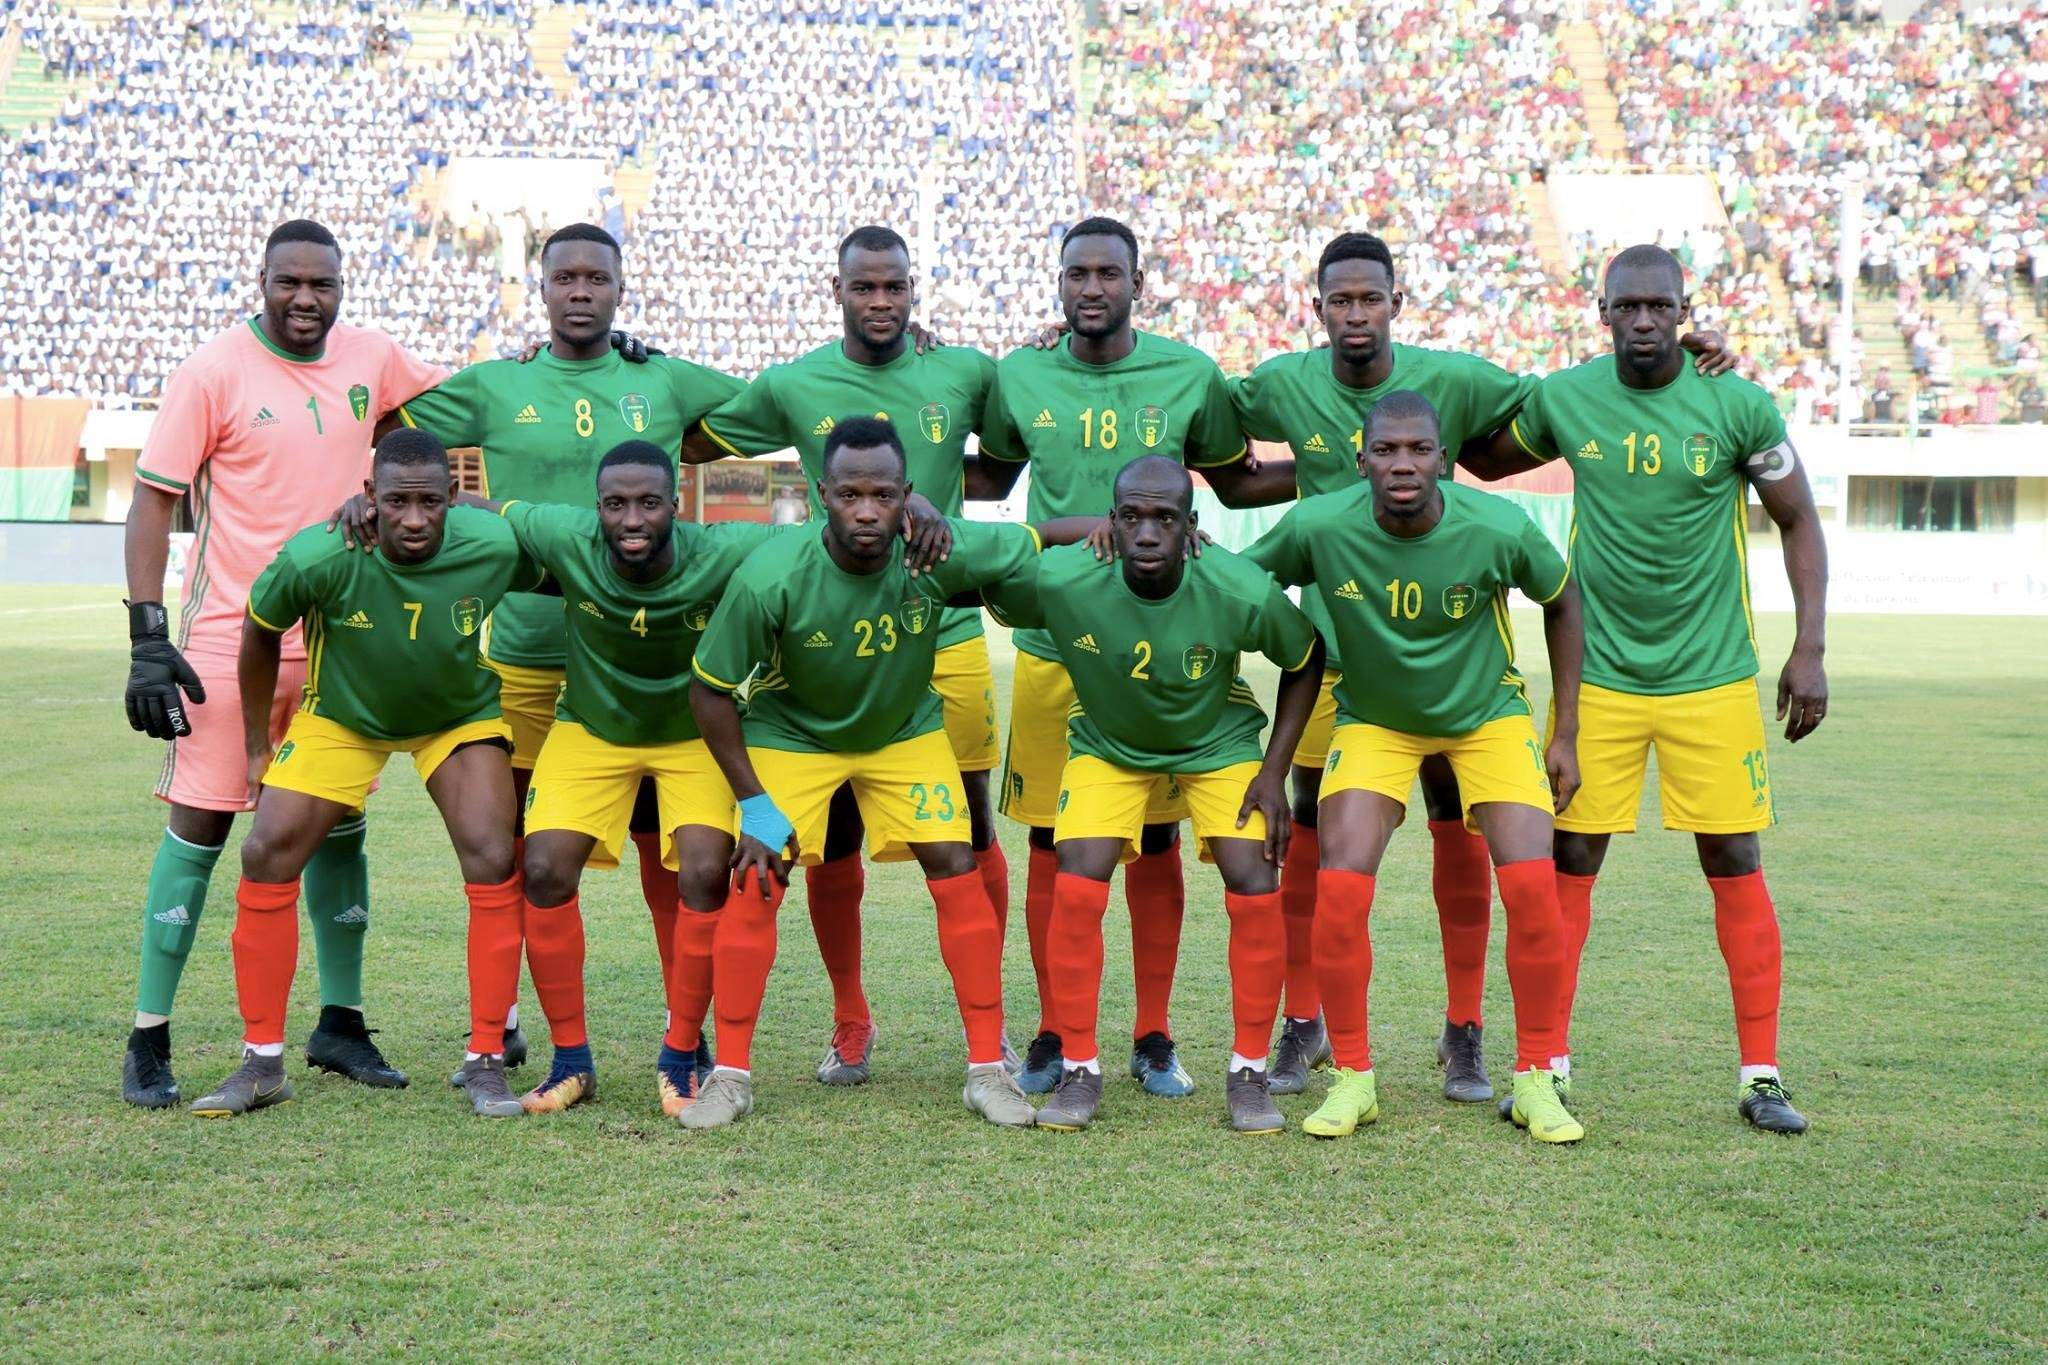 Levée du blocus imposé aux footballeurs africains : Deux internationaux mauritaniens rappelés en renfort d'urgence !